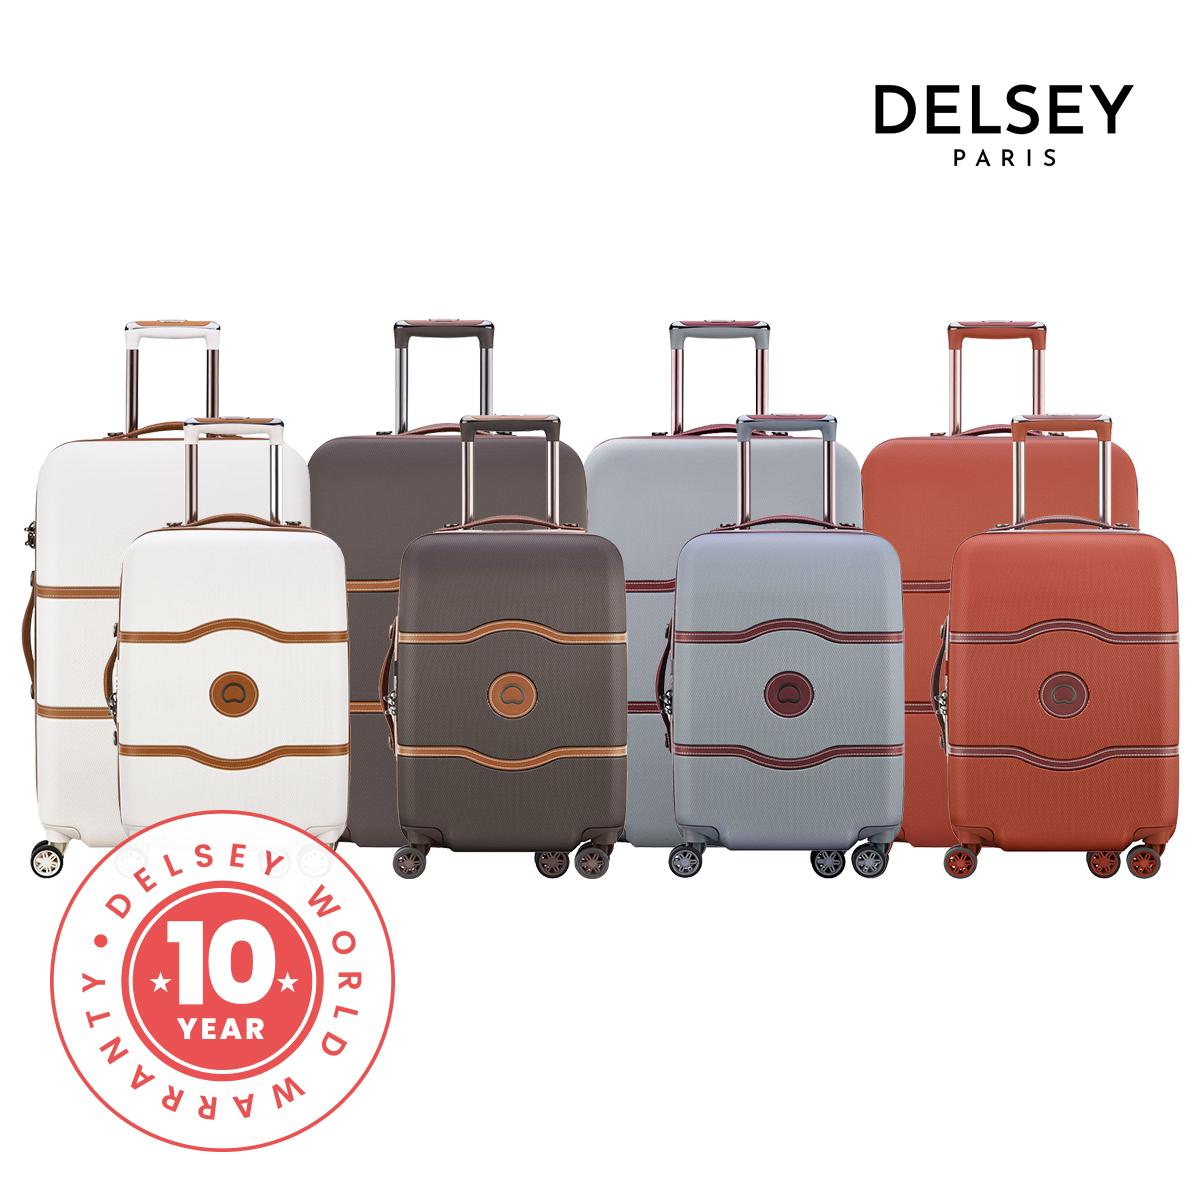 [델시]DELSEY - 샤틀렛 에어 55+77/20+28 2종세트 여행용캐리어 프리미엄 하드